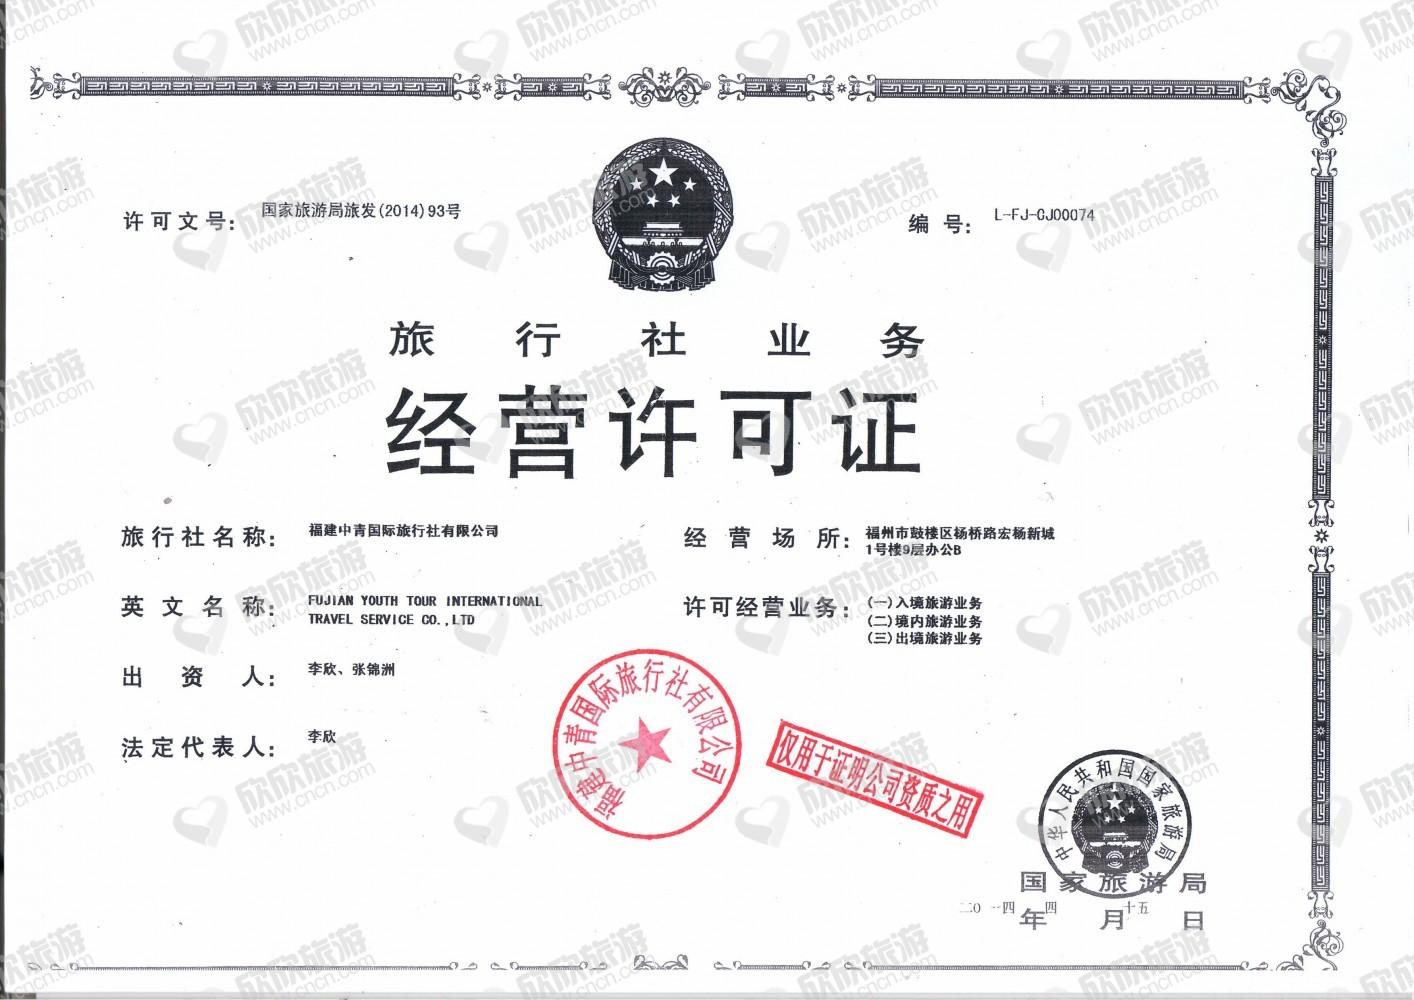 福建中青国际旅行社有限公司经营许可证